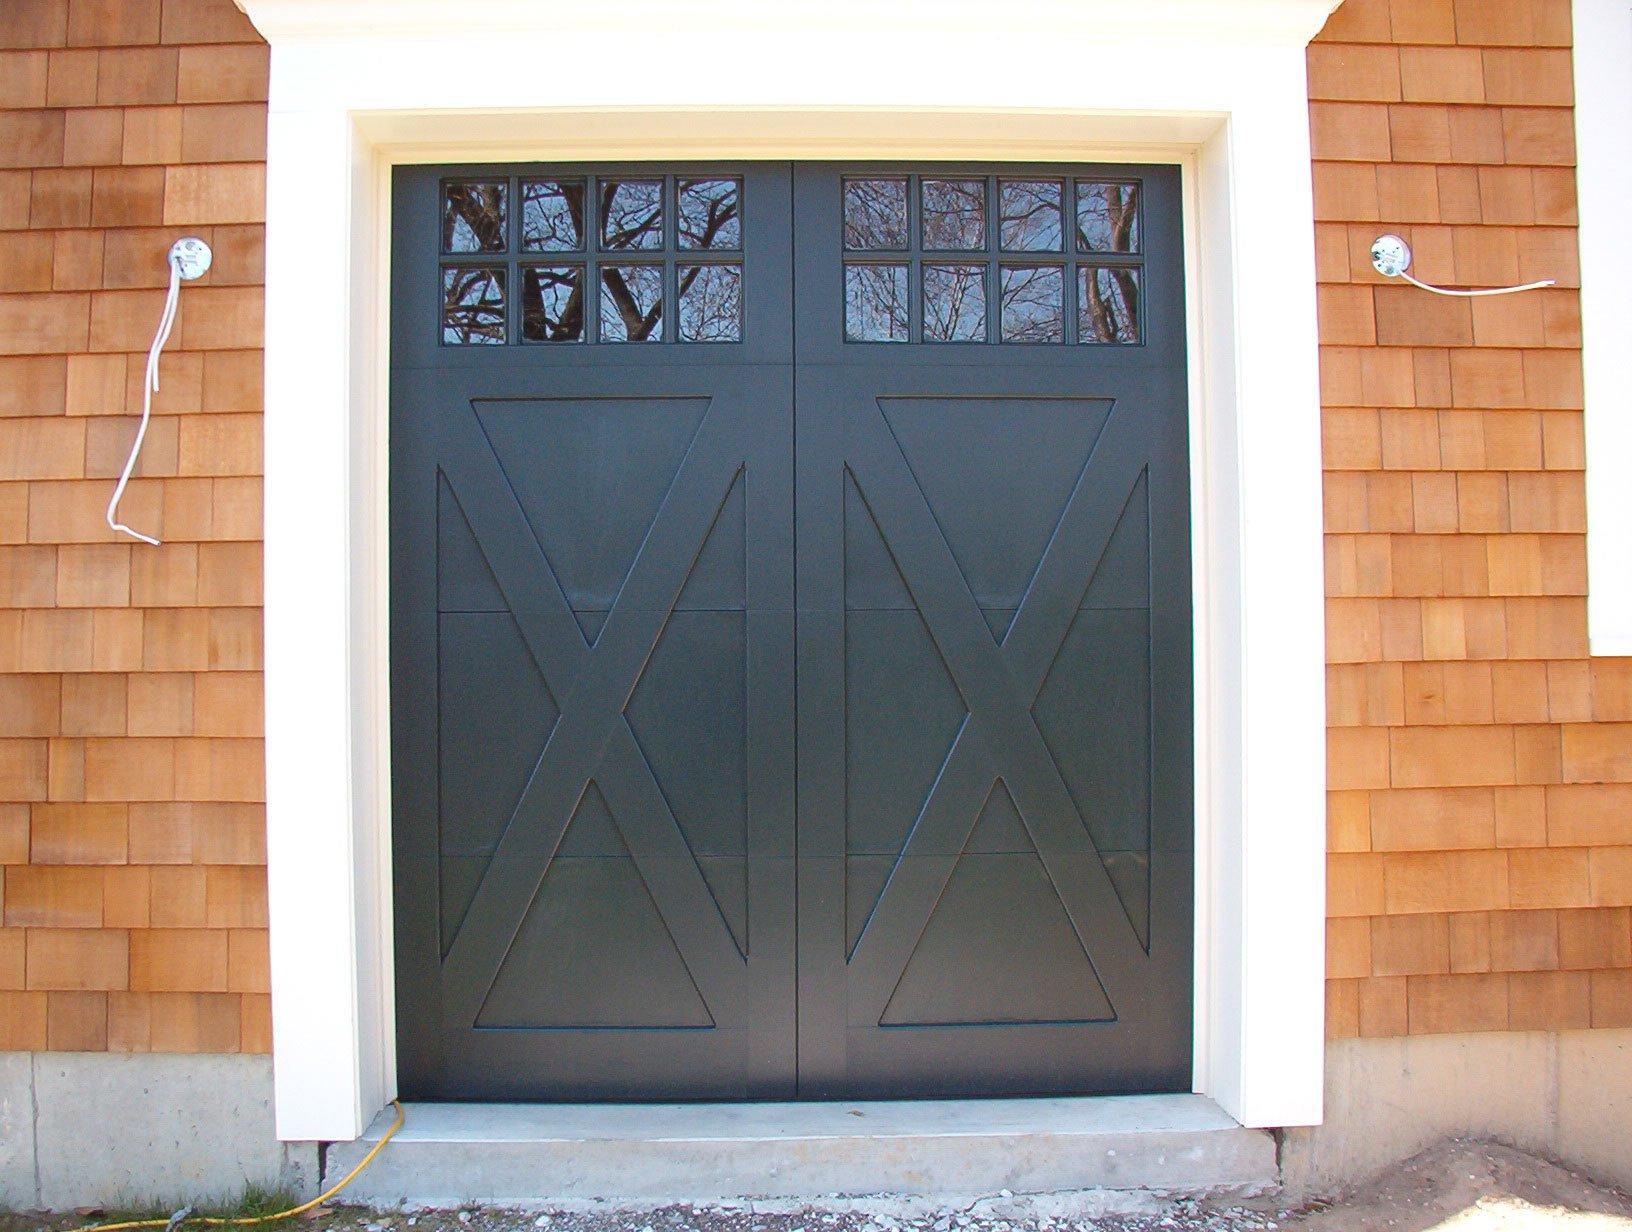 1232 #995D32 Custom Residential Garage Door Gallery Garage Door Store NY picture/photo Specialty Garage Doors 36891632